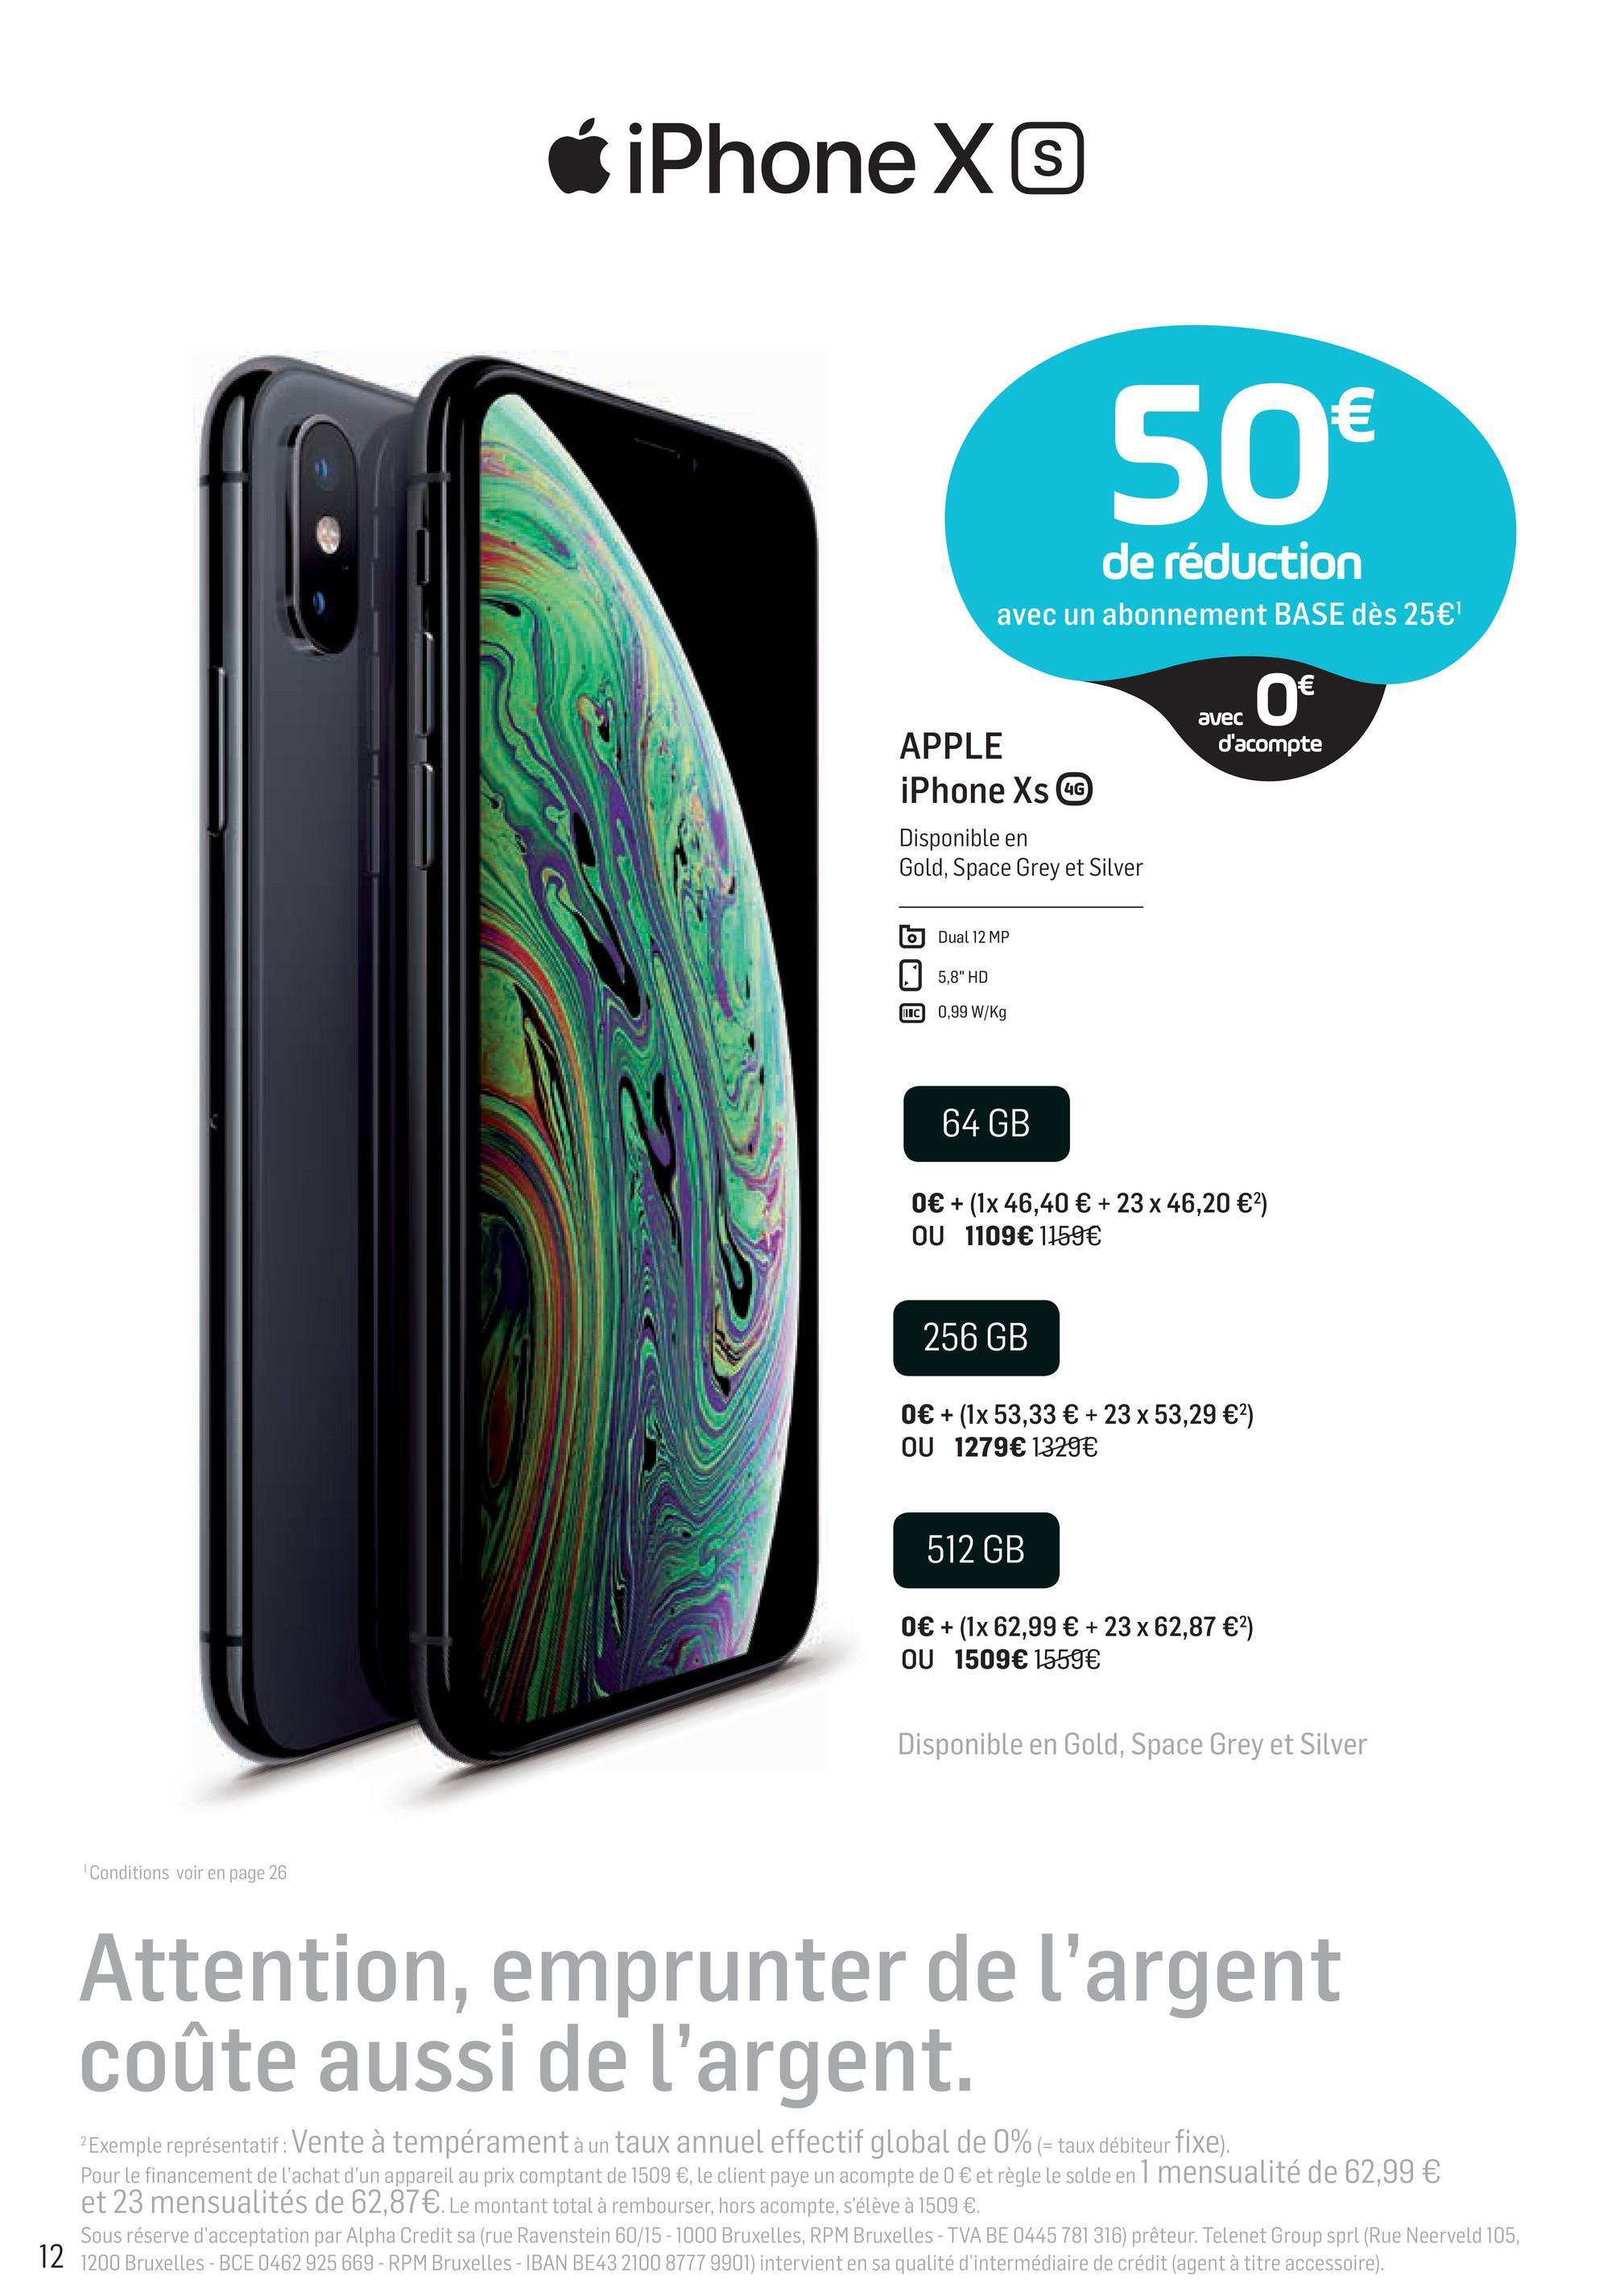 """6 iPhone X 50€ de réduction avec un abonnement BASE dès 25€ avec O€ d'acompte APPLE iPhone Xs LG Disponible en Gold, Space Grey et Silver b Dual 12 MP 5,8"""" HD 0,99 W/kg TTC 64 GB 0€ + (1x 46,40 € + 23 x 46,20 €) OU 1109€ 1159€ 256 GB 0€ + (1x 53,33 € + 23 x 53,29 €) OU 1279€ 1329€ 512 GB 0€ + (1x 62,99 € + 23 x 62,87 €) OU 1509€ 1559€ Disponible en Gold, Space Grey et Silver Conditions voir en page 26 Attention, emprunter de l'argent coûte aussi de l'argent. 2 Exemple représentatif: Vente à tempéramentà un taux annuel effectif global de 0% (= taux débiteur fixe). Pour le financement de l'achat d'un appareil au prix comptant de 1509 €, le client paye un acompte de 0 € et règle le solde en I mensualité de 62,99 € et 23 mensualités de 62,87€. Le montant total à rembourser, hors acompte, s'élève à 1509 €. Sous réserve d'acceptation par Alpha Credit sa (rue Ravenstein 60/15 - 1000 Bruxelles, RPM Bruxelles - TVA BE 0445 781 316) prêteur. Telenet Group sprl (Rue Neerveld 105, 12 1200 Bruxelles - BCE 0462 925 669 - RPM Bruxelles - IBAN BE43 2100 8777 9901) intervient en sa qualité d'intermédiaire de crédit (agent à titre accessoire)."""